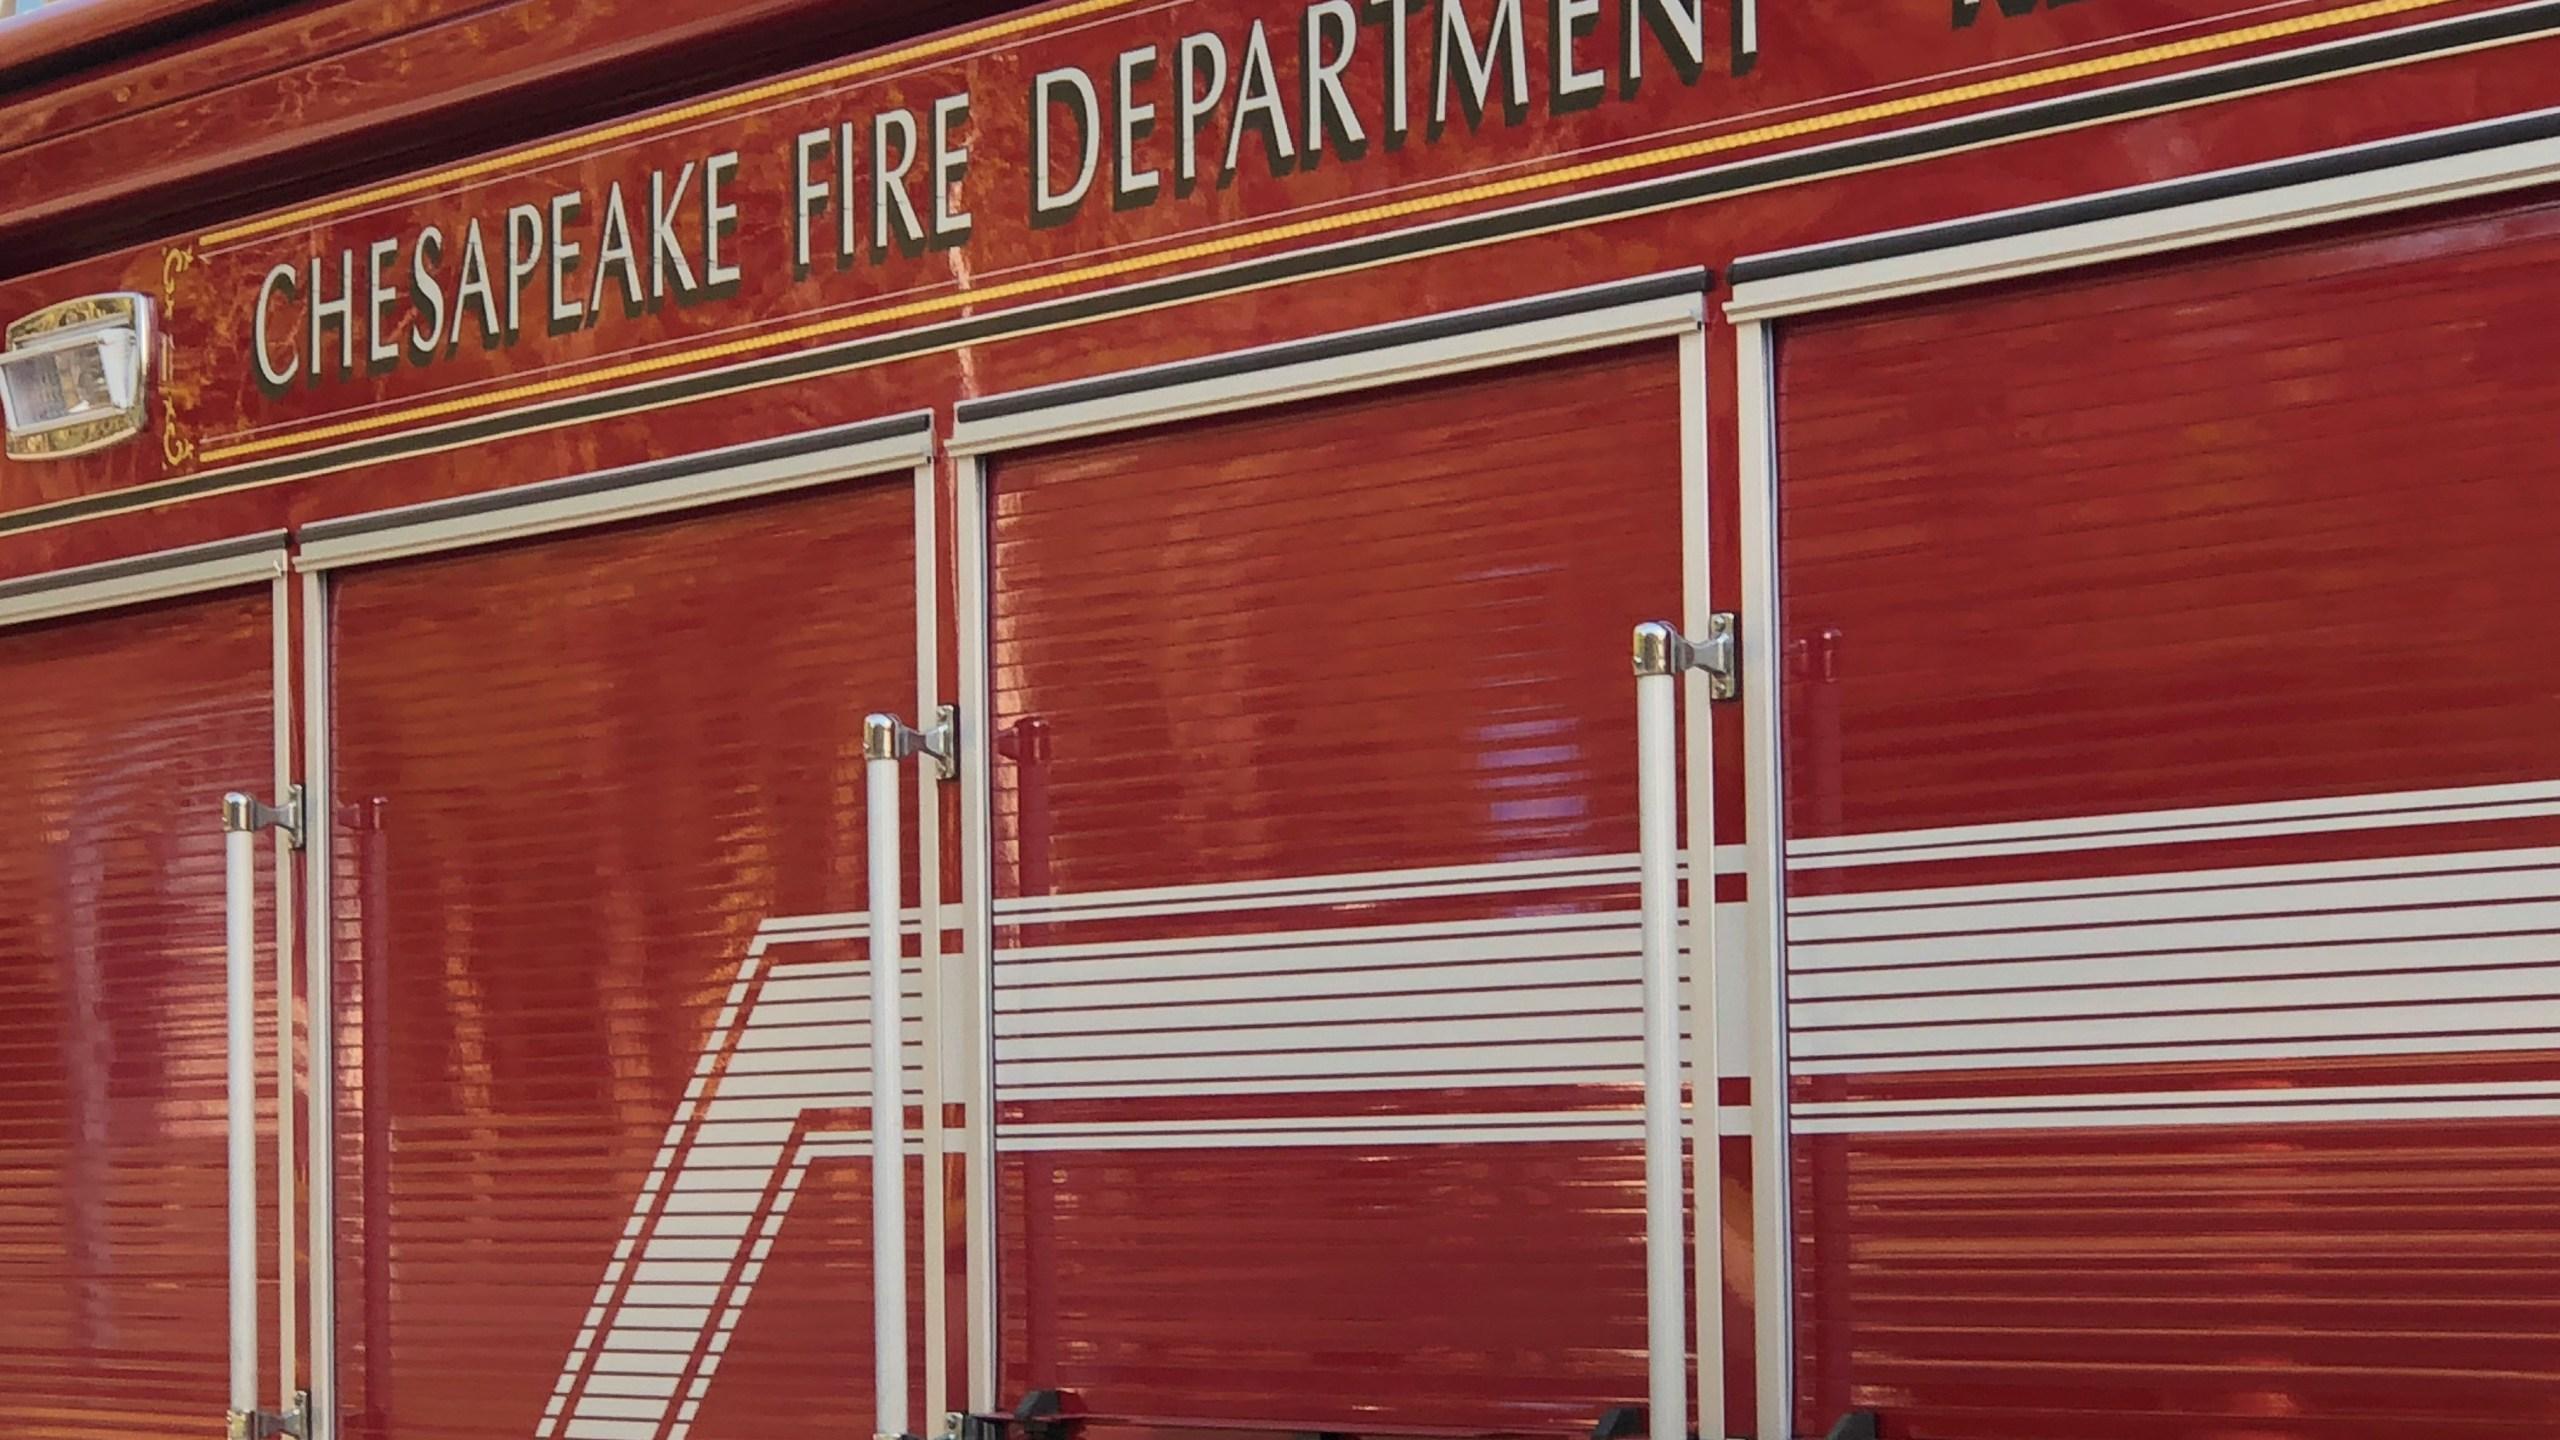 Chesapeake Fire and Rescue Generic_1524144647287.jpg.jpg